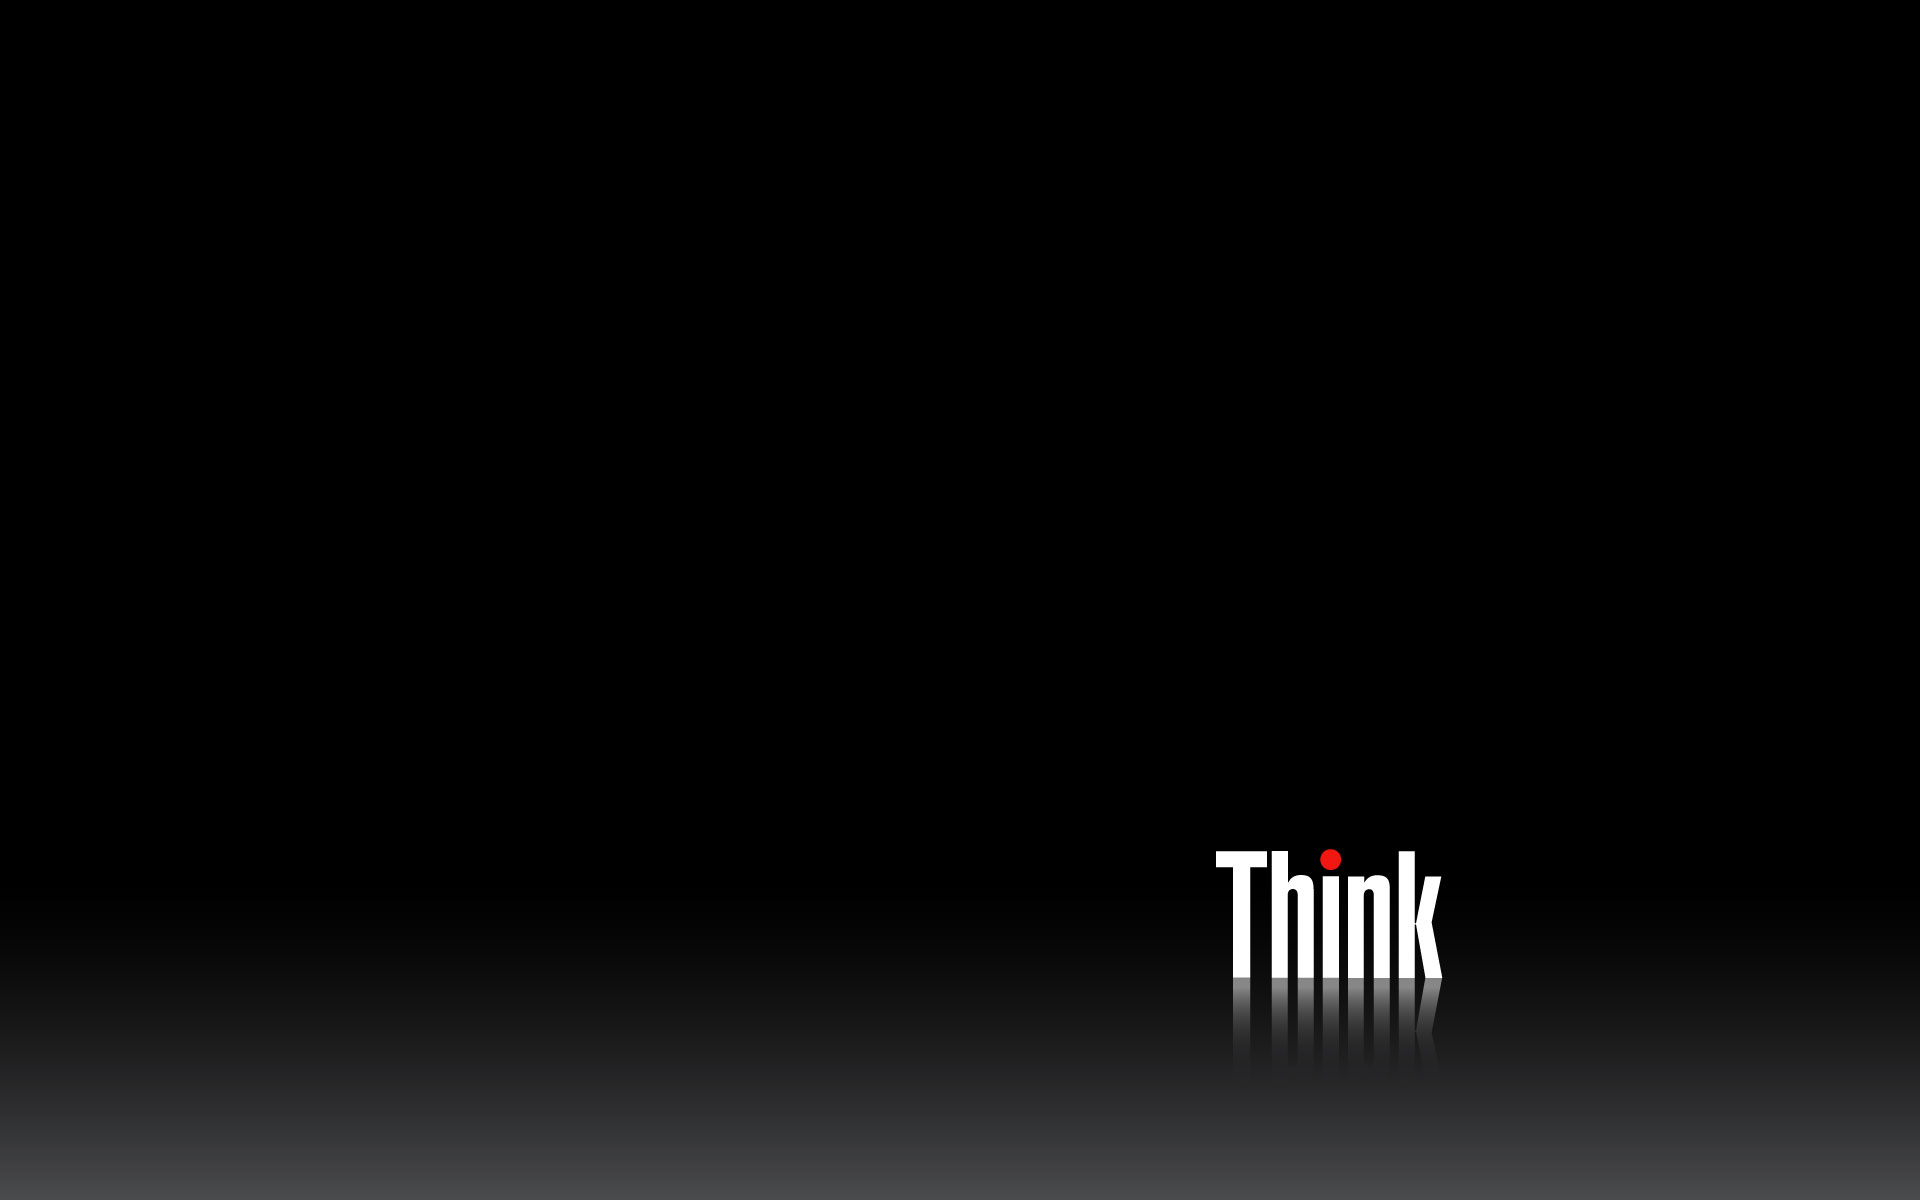 48 Thinkpad Wallpaper Hd On Wallpapersafari